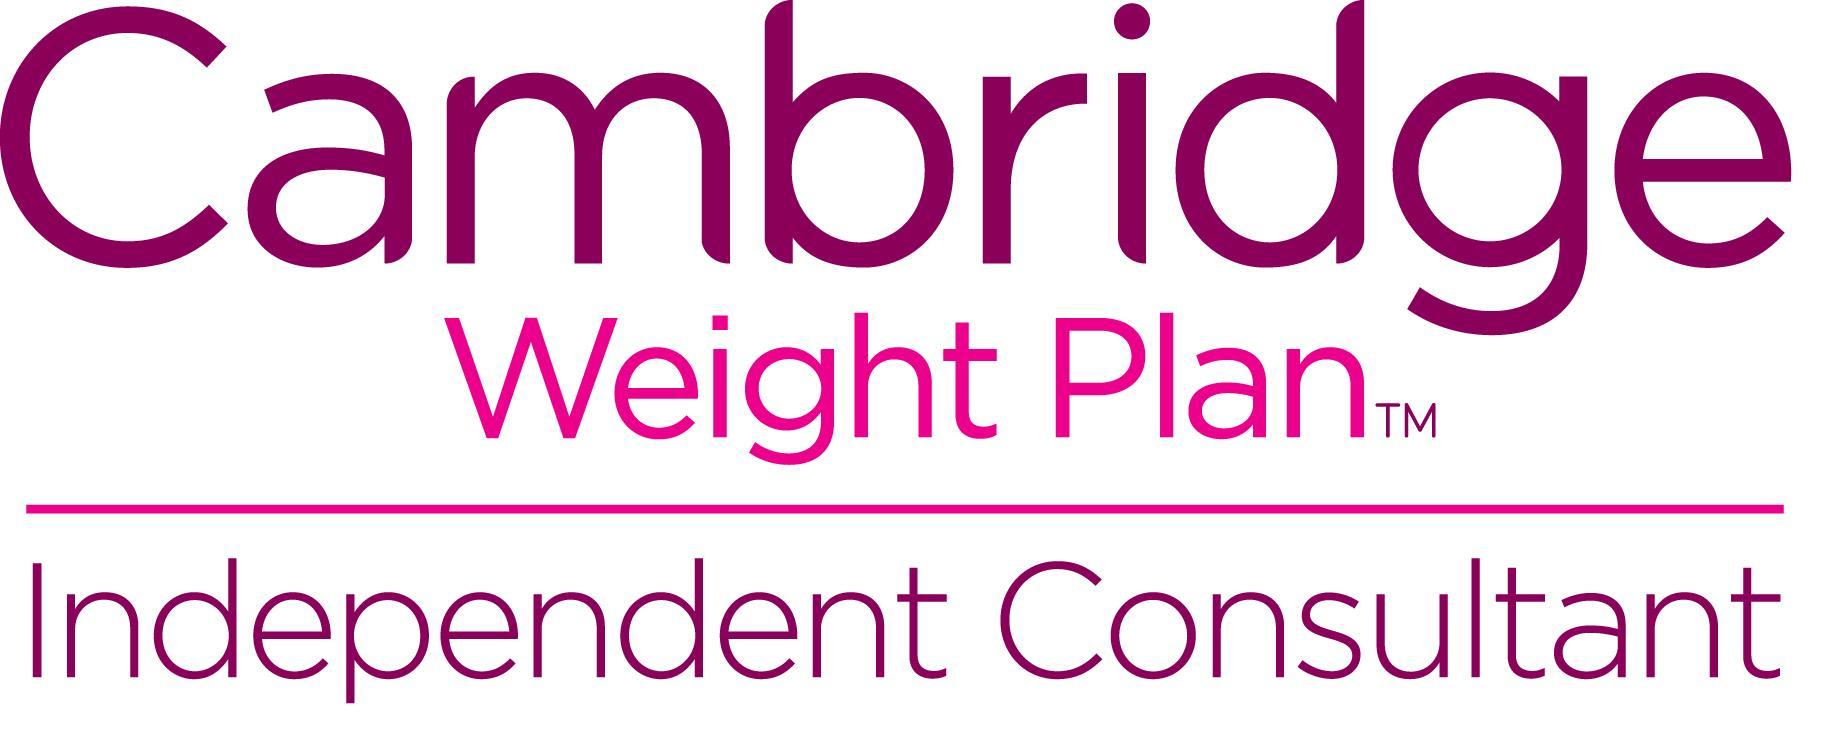 Michelle Cambridge Weight Plan